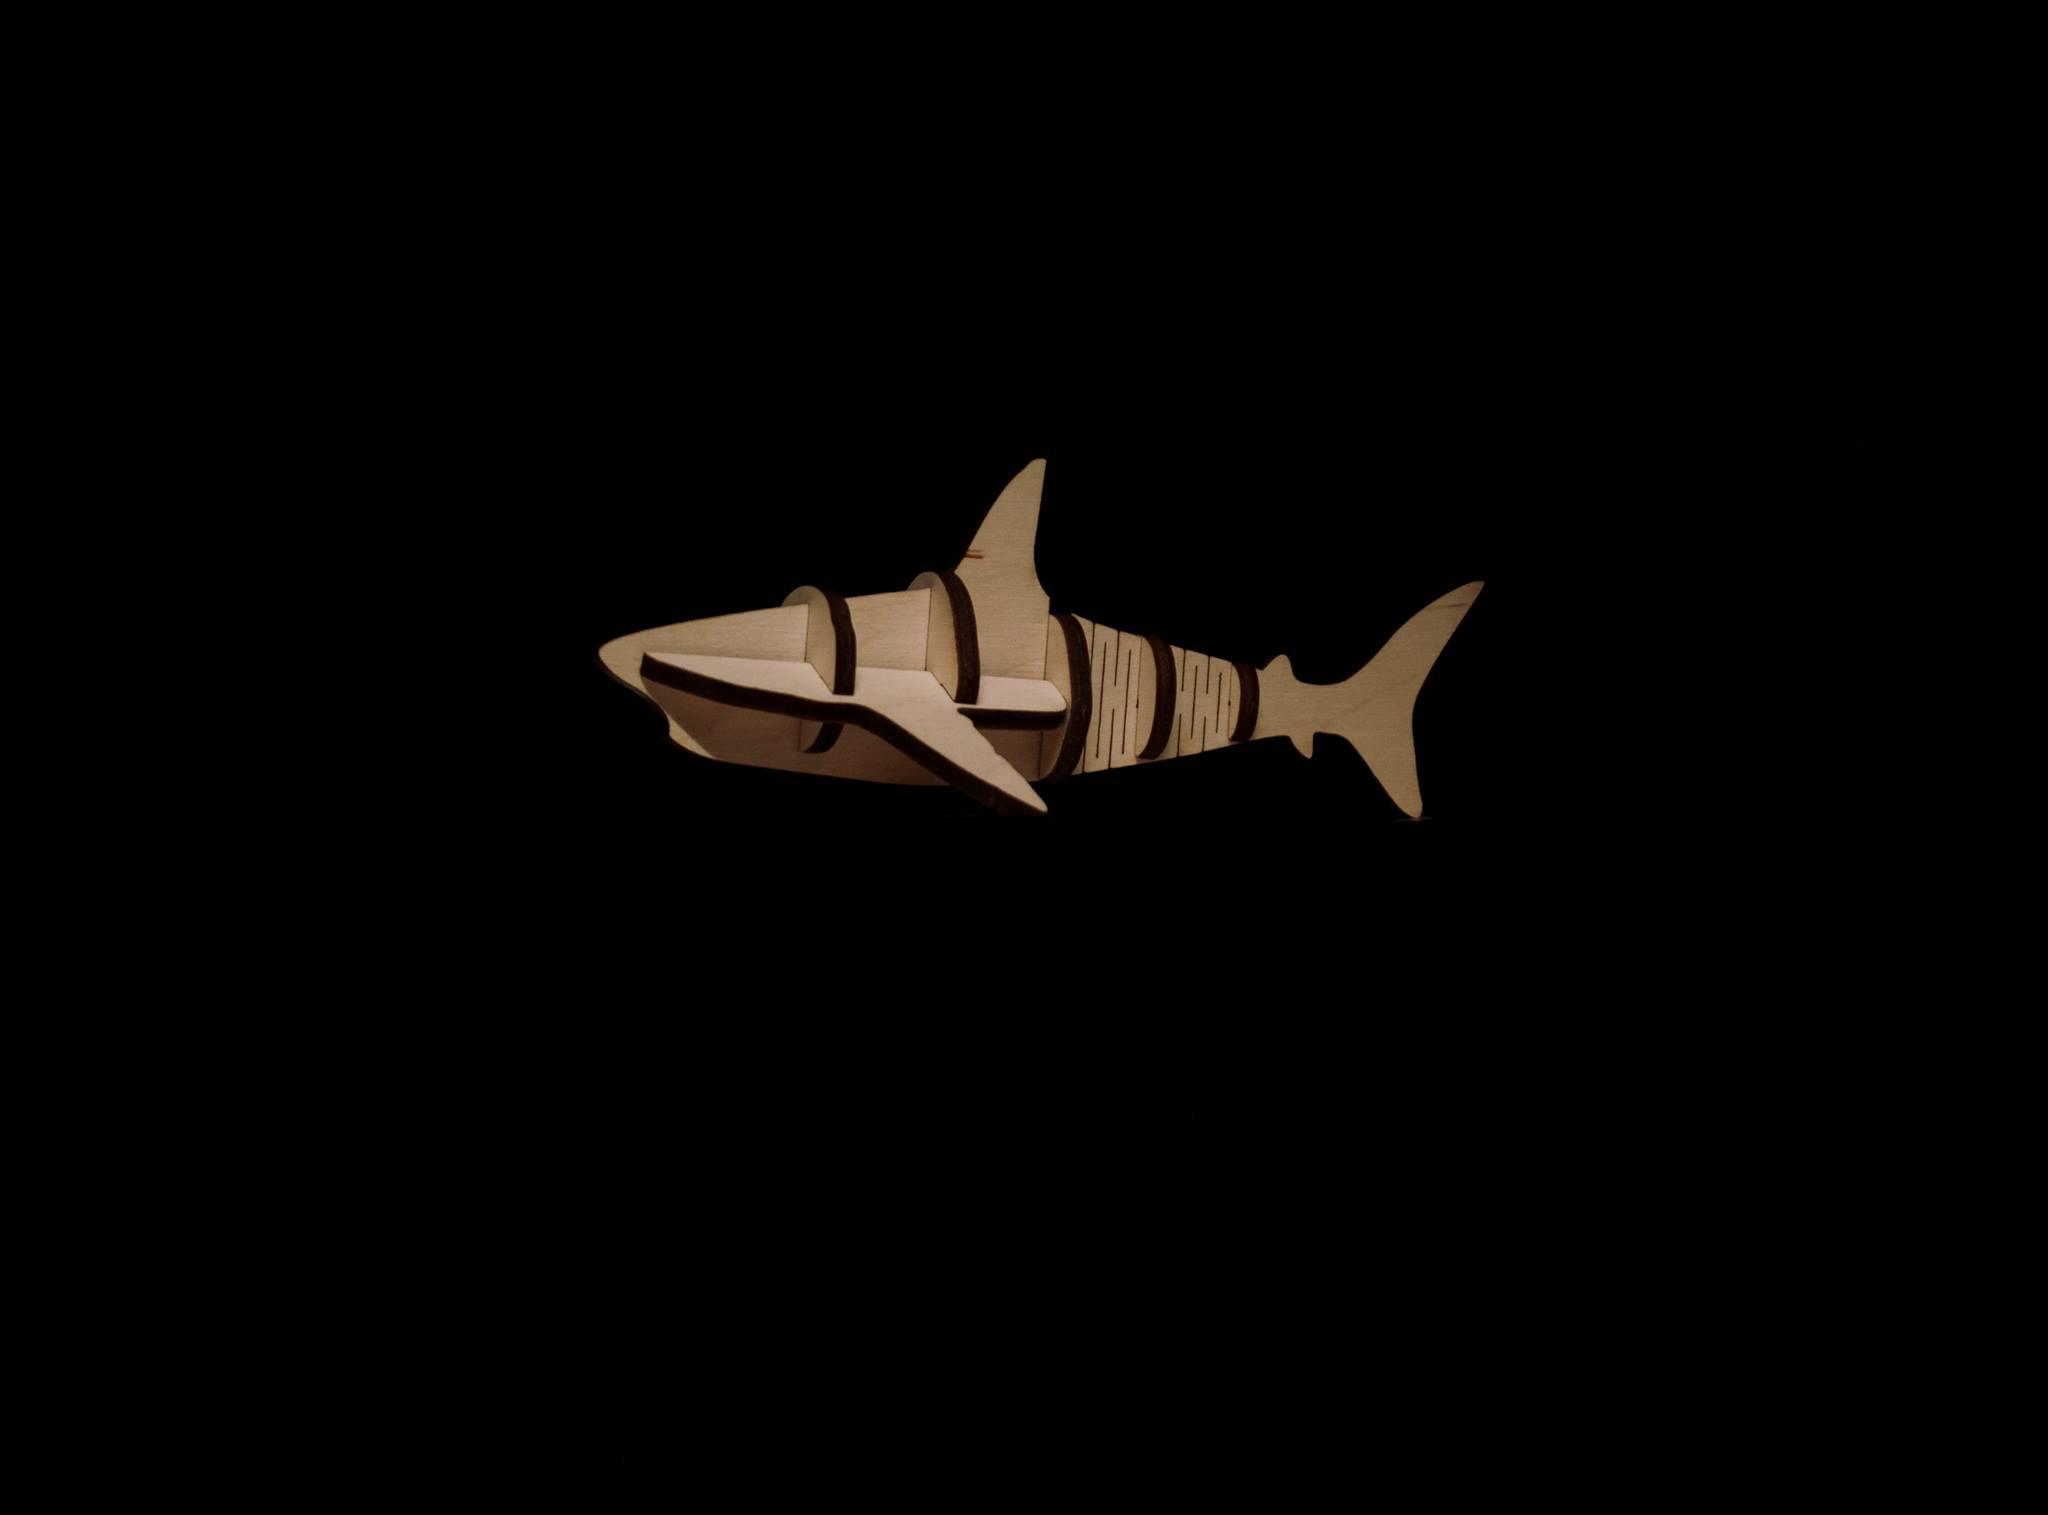 ზვიგენი, ასაწყობი პაზლი